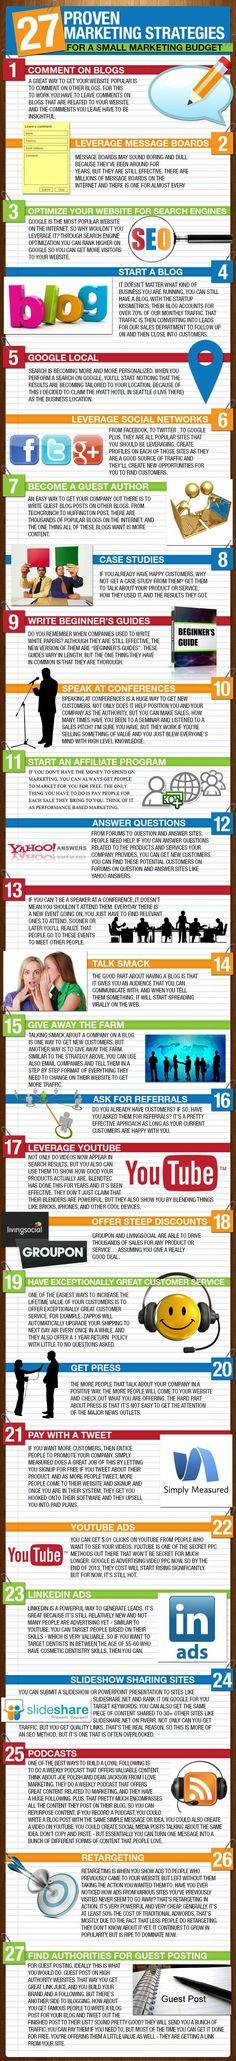 27 proven marketing strategies  #Infografiche, statistiche e spunti di riflessione.  #marketing #diellegrafica